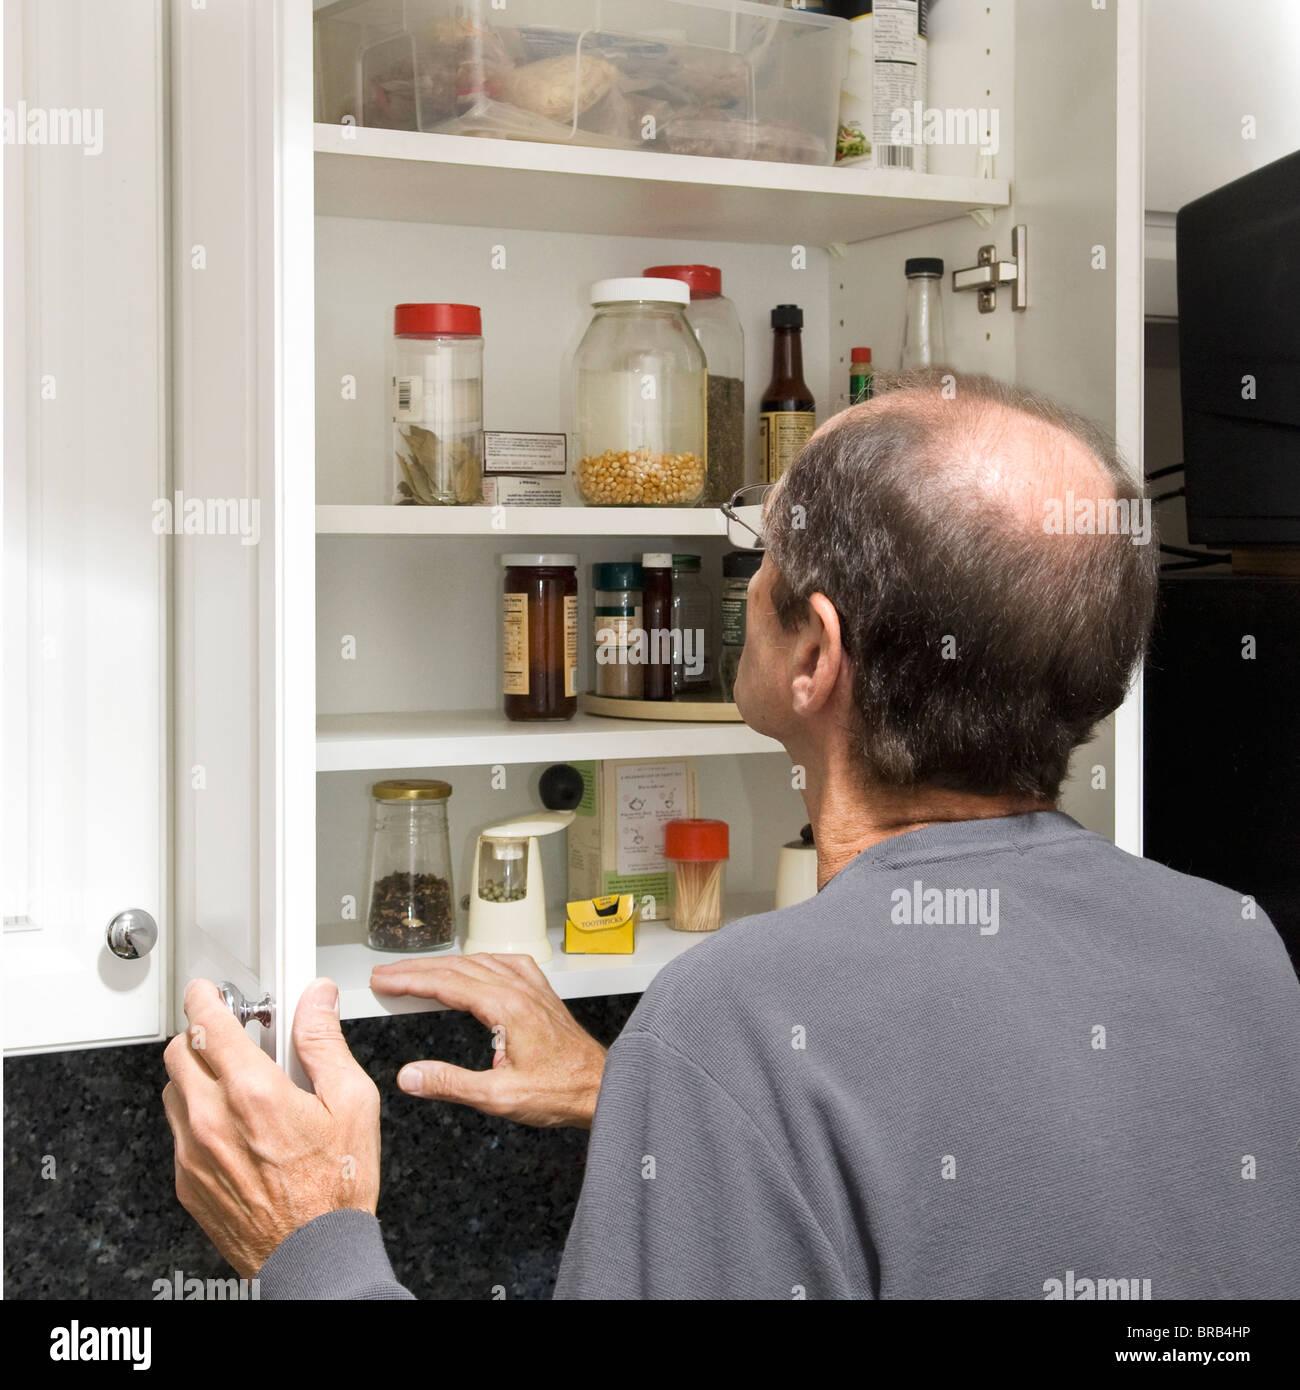 Homme debout en face de l'armoire de cuisine avec peu de nourriture Photo Stock